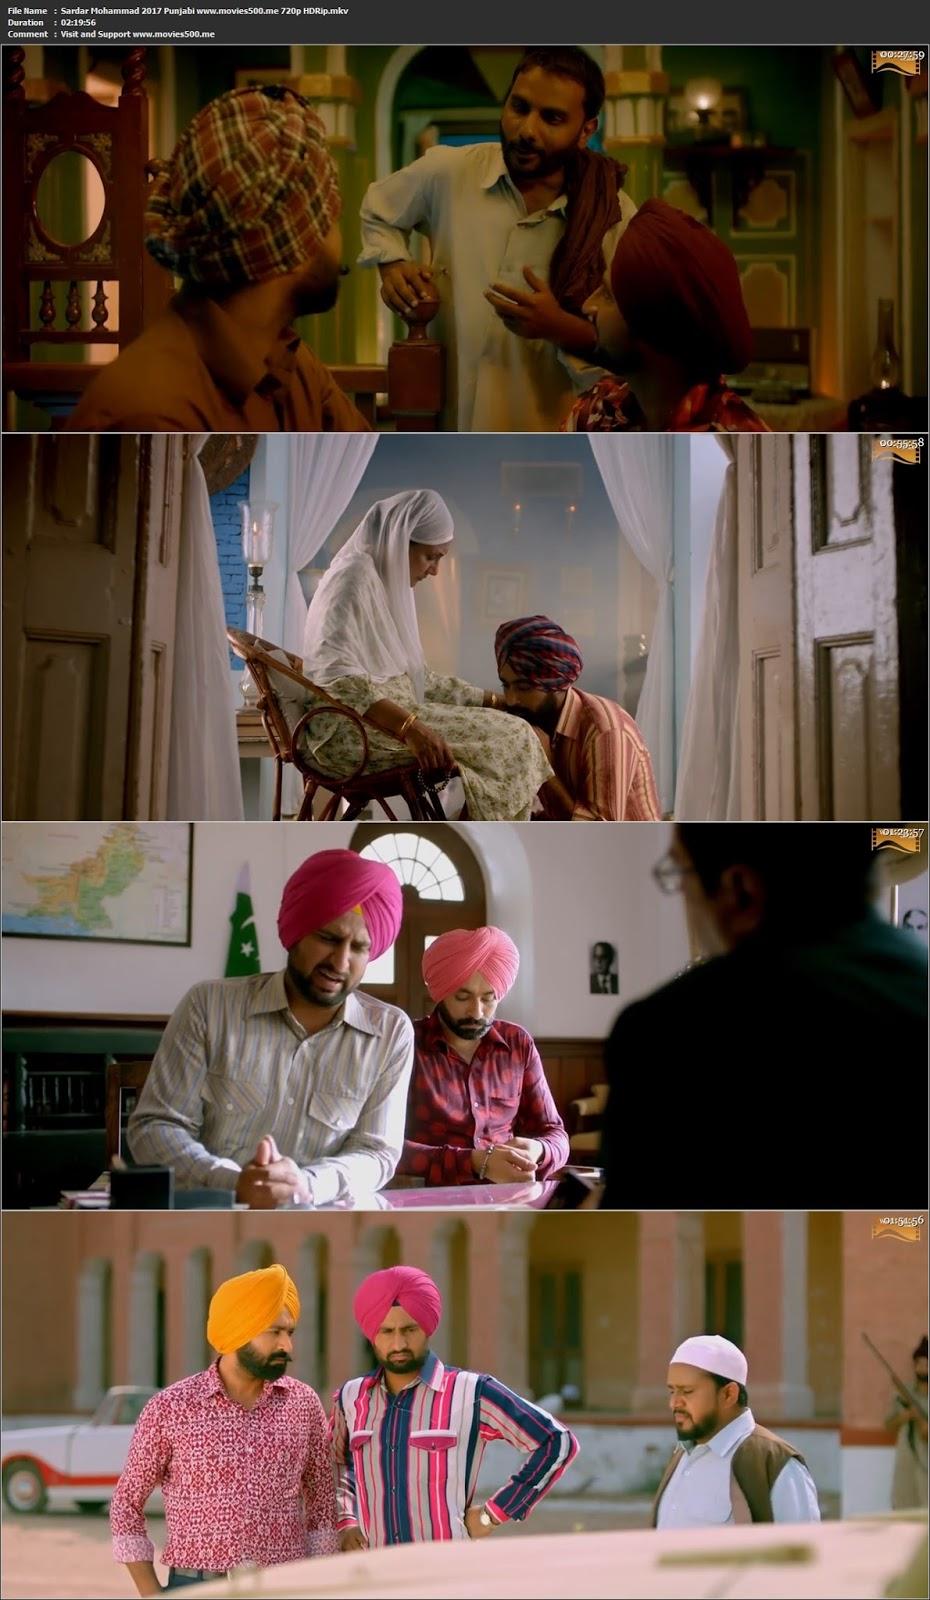 Sardar Mohammad 2017 Punjabi Full Movie HDRip 720p at alnoorhayyathotels.com